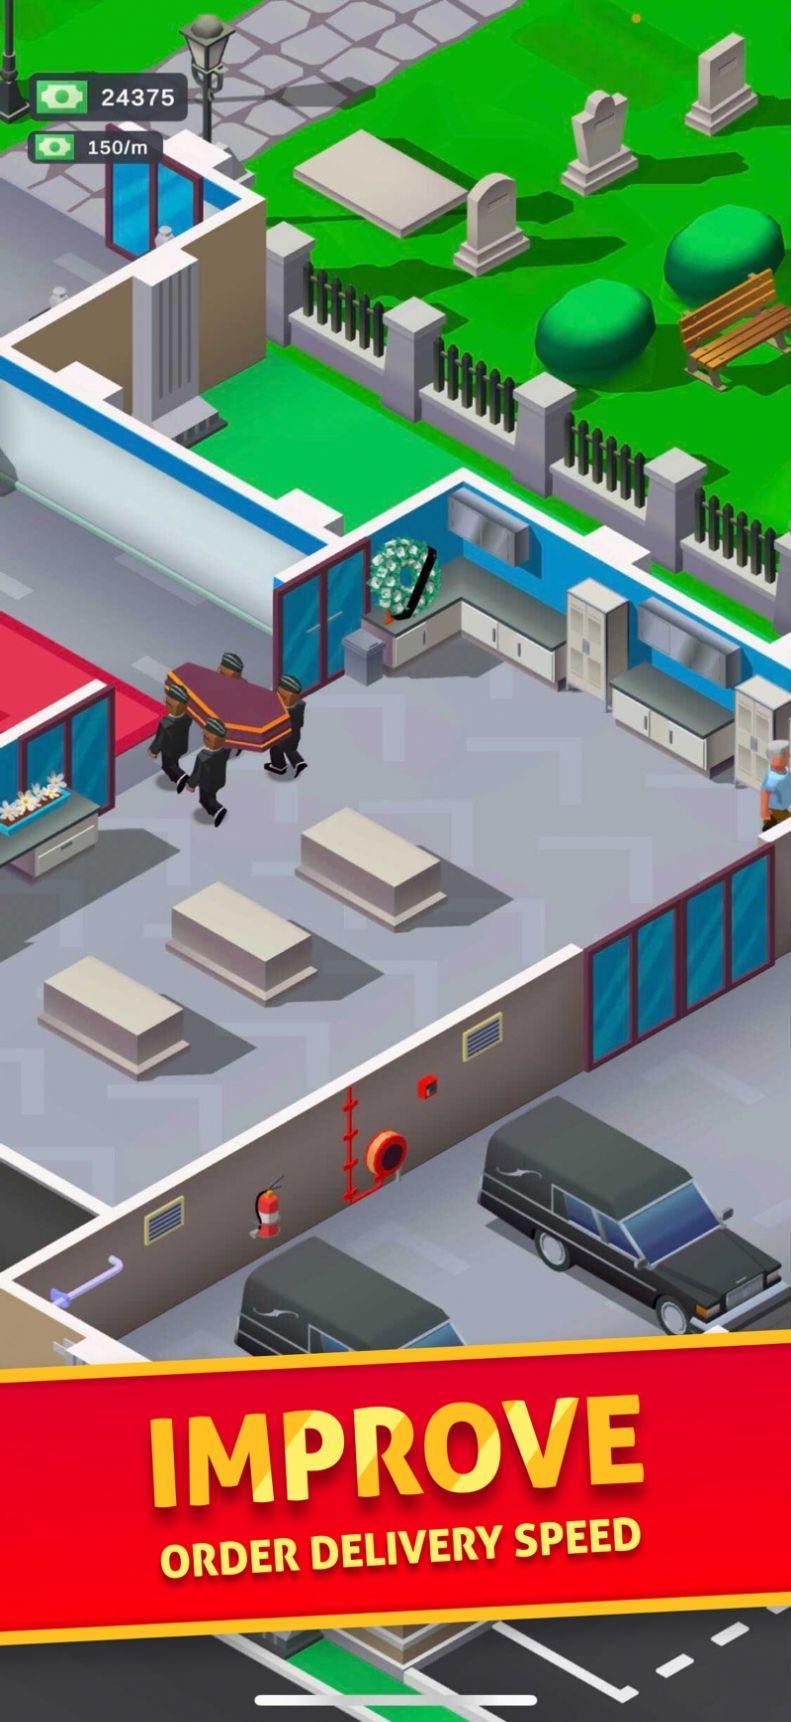 墓地公司游戏安卓版图3: